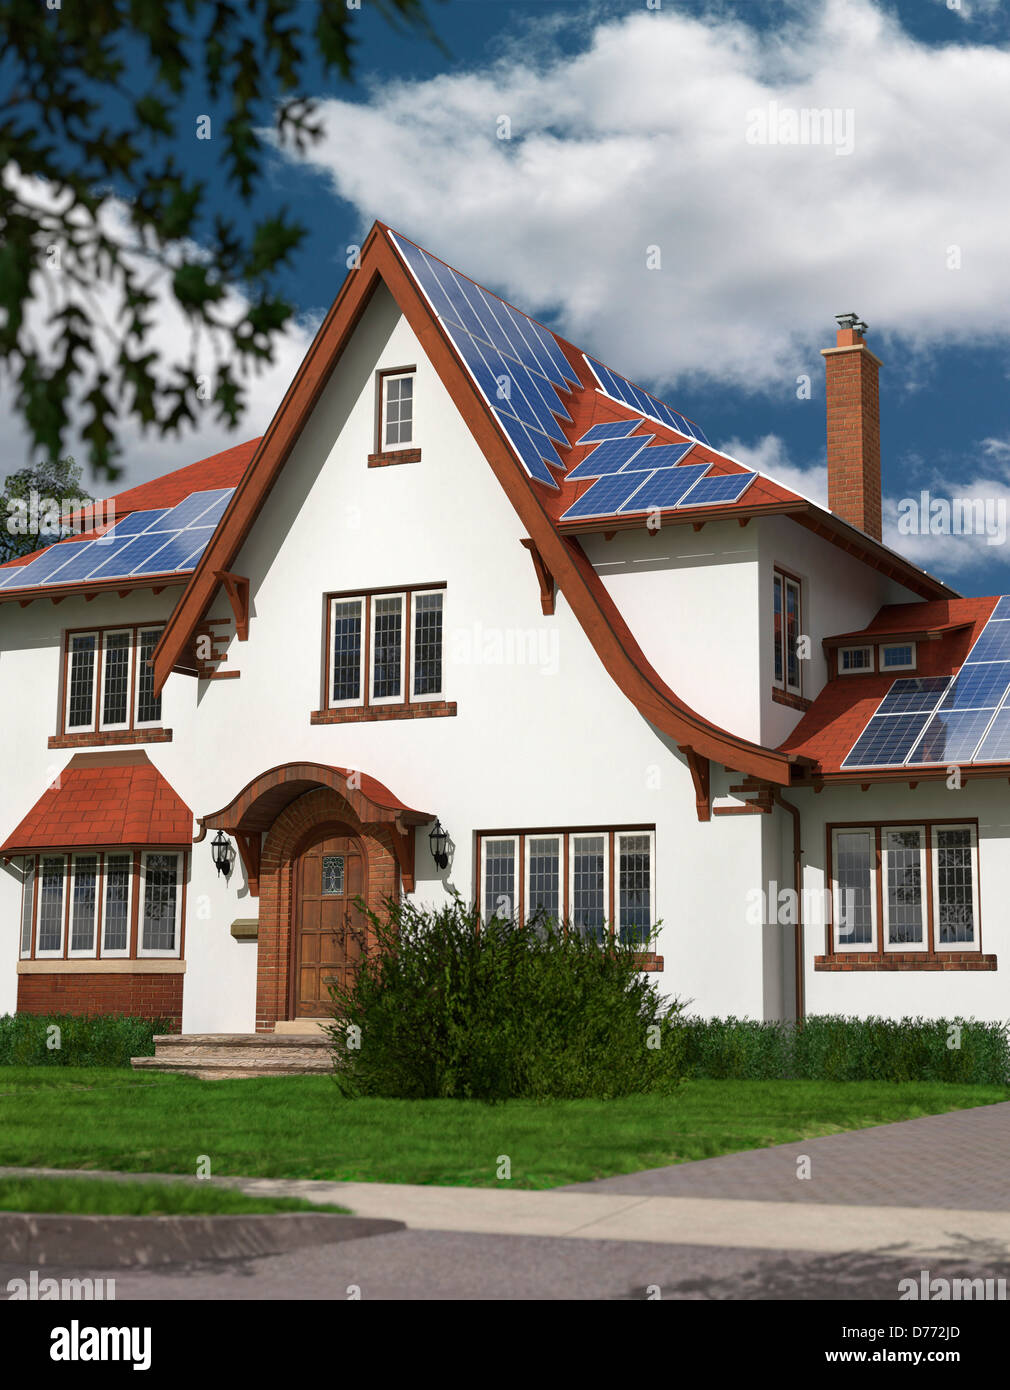 Casa de familia separada con paneles solares en el techo, alimentado por energía solar. El desarrollo sostenible, Imagen De Stock